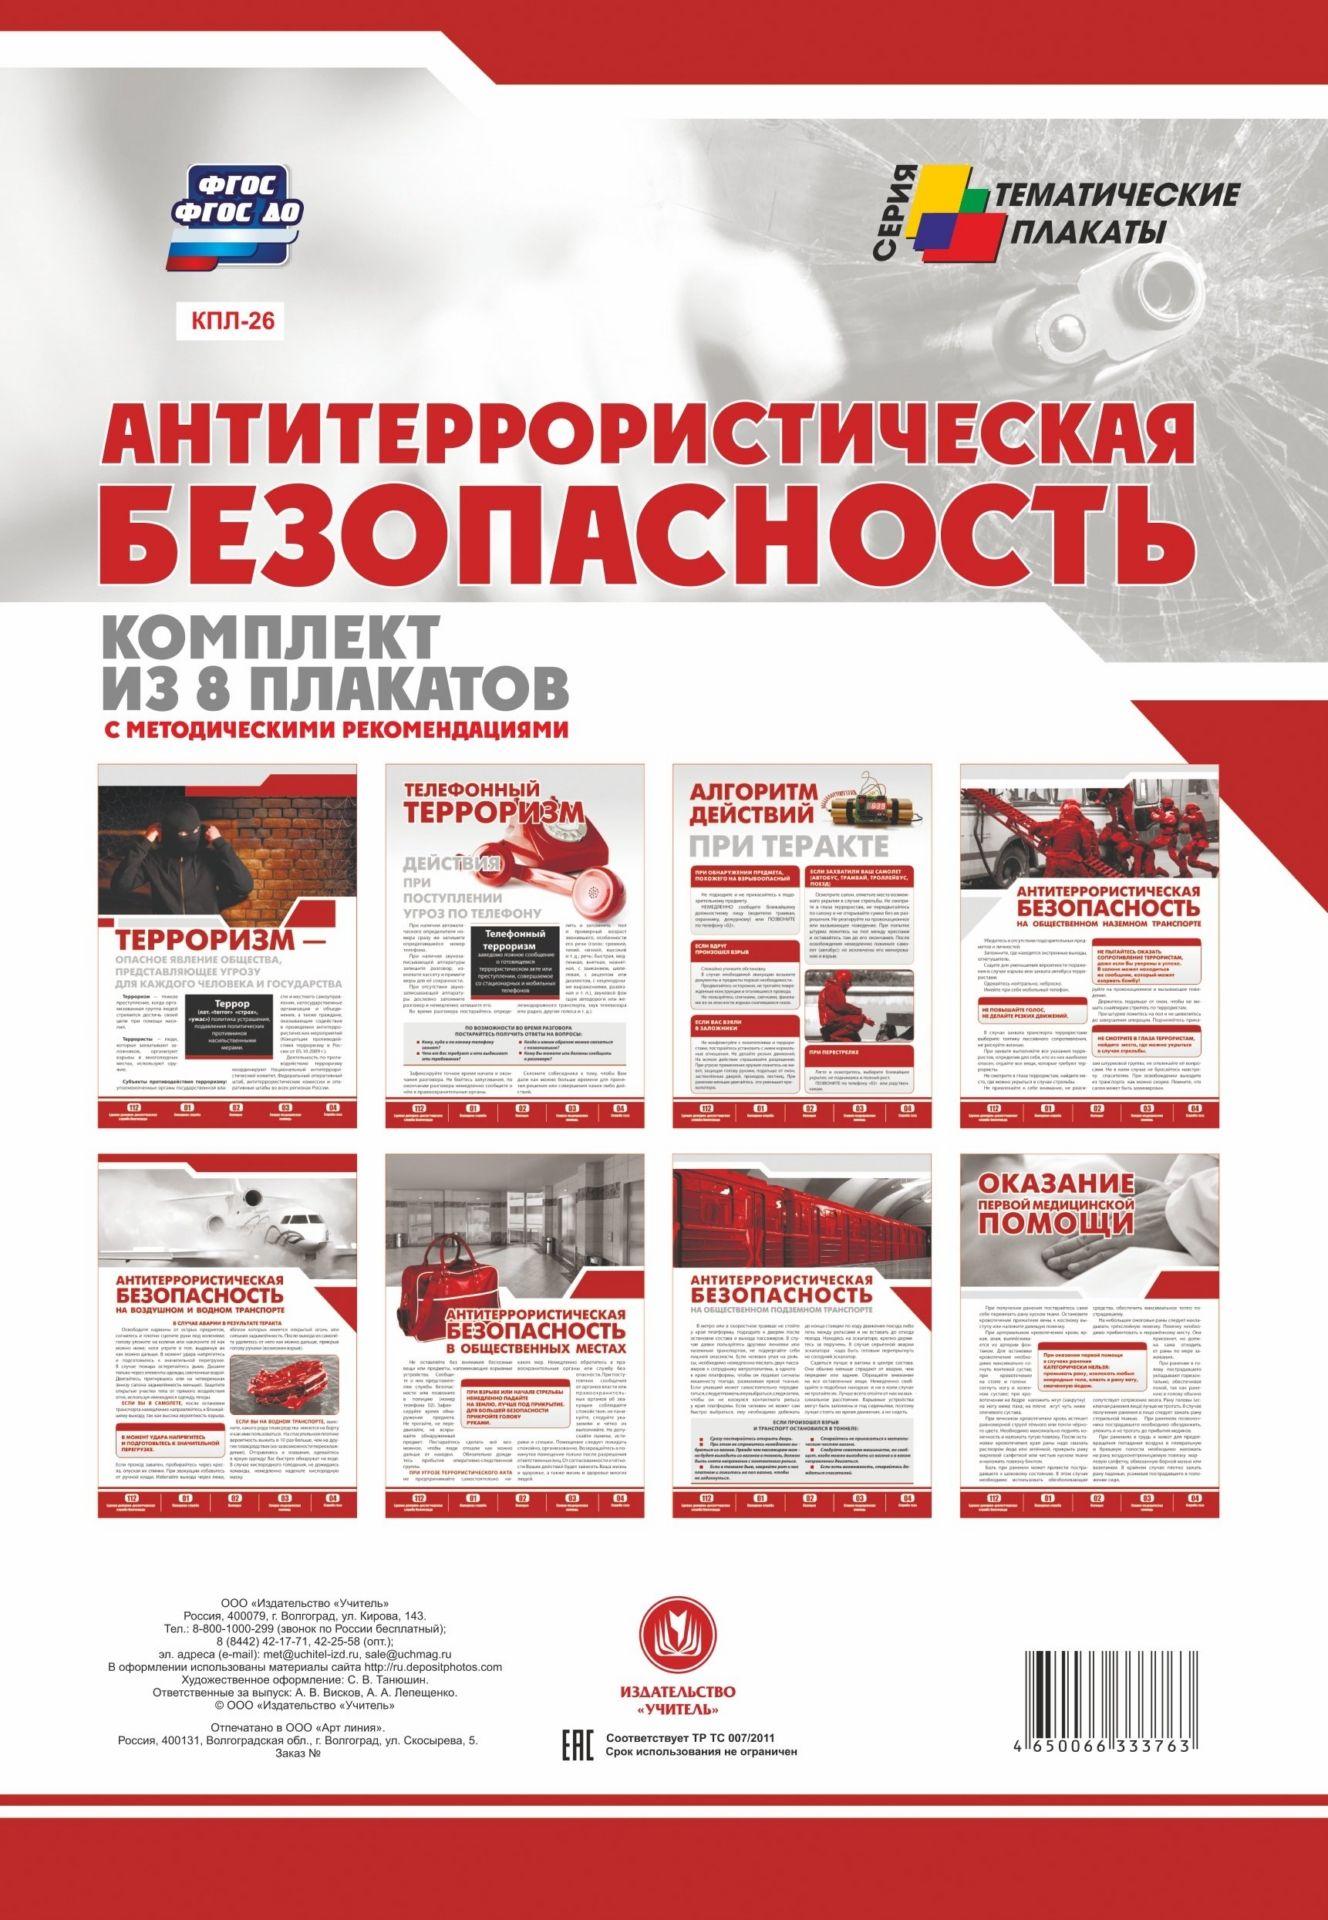 Комплект плакатов Антитеррористическая безопасность: 8 плакатов с методическими рекомендациямиИнформационно-деловое оснащение ДОО<br>.<br><br>Год: 2017<br>Серия: Тематические плакаты<br>Высота: 290<br>Ширина: 205<br>Толщина: 2<br>Переплёт: набор